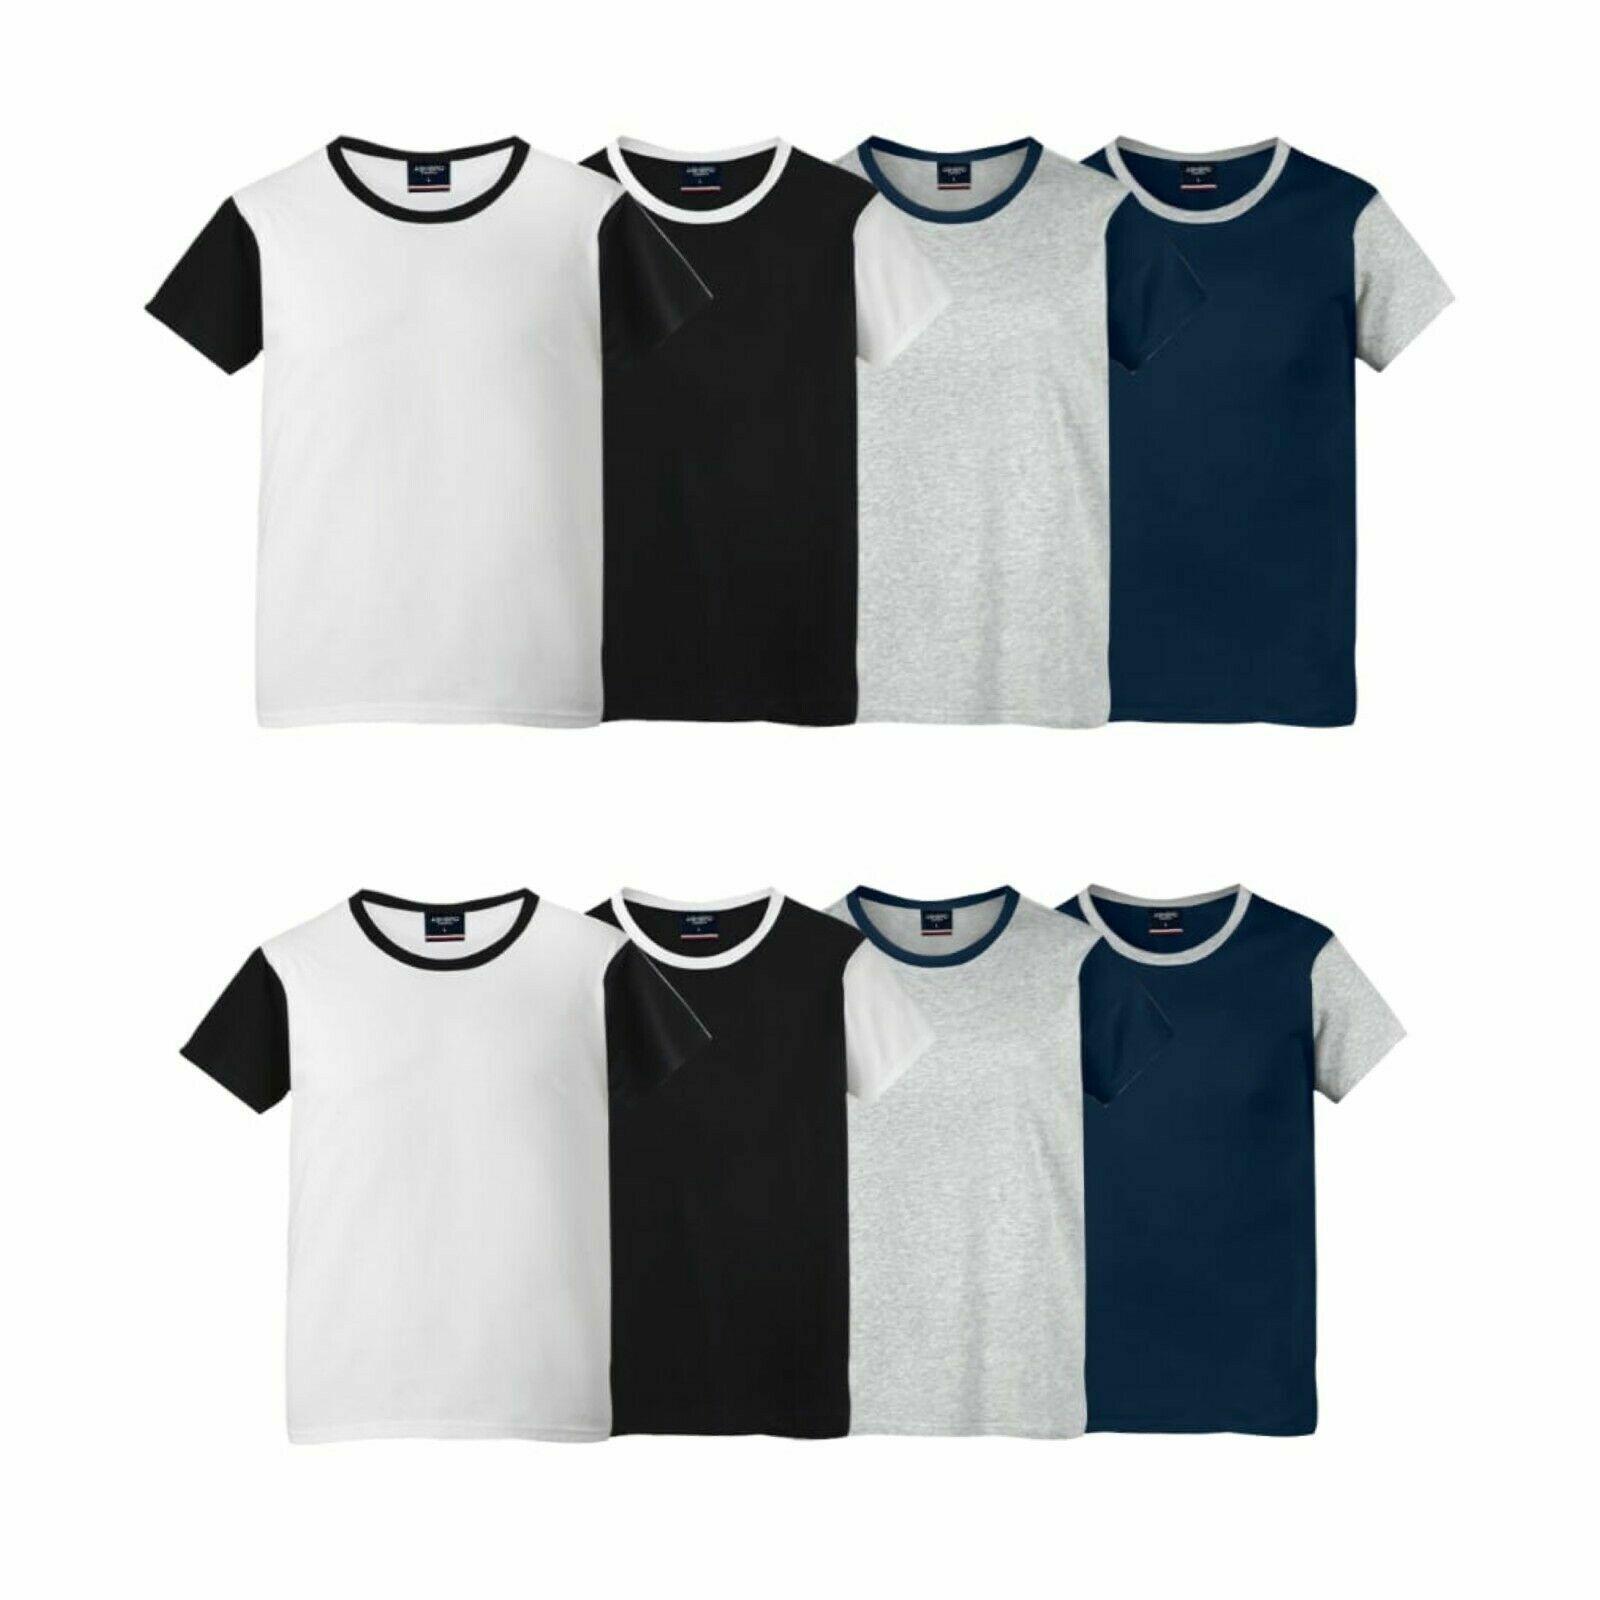 Men's Summer Plain T-Shirt 100% Cotton Gym Top Multi Pack 4